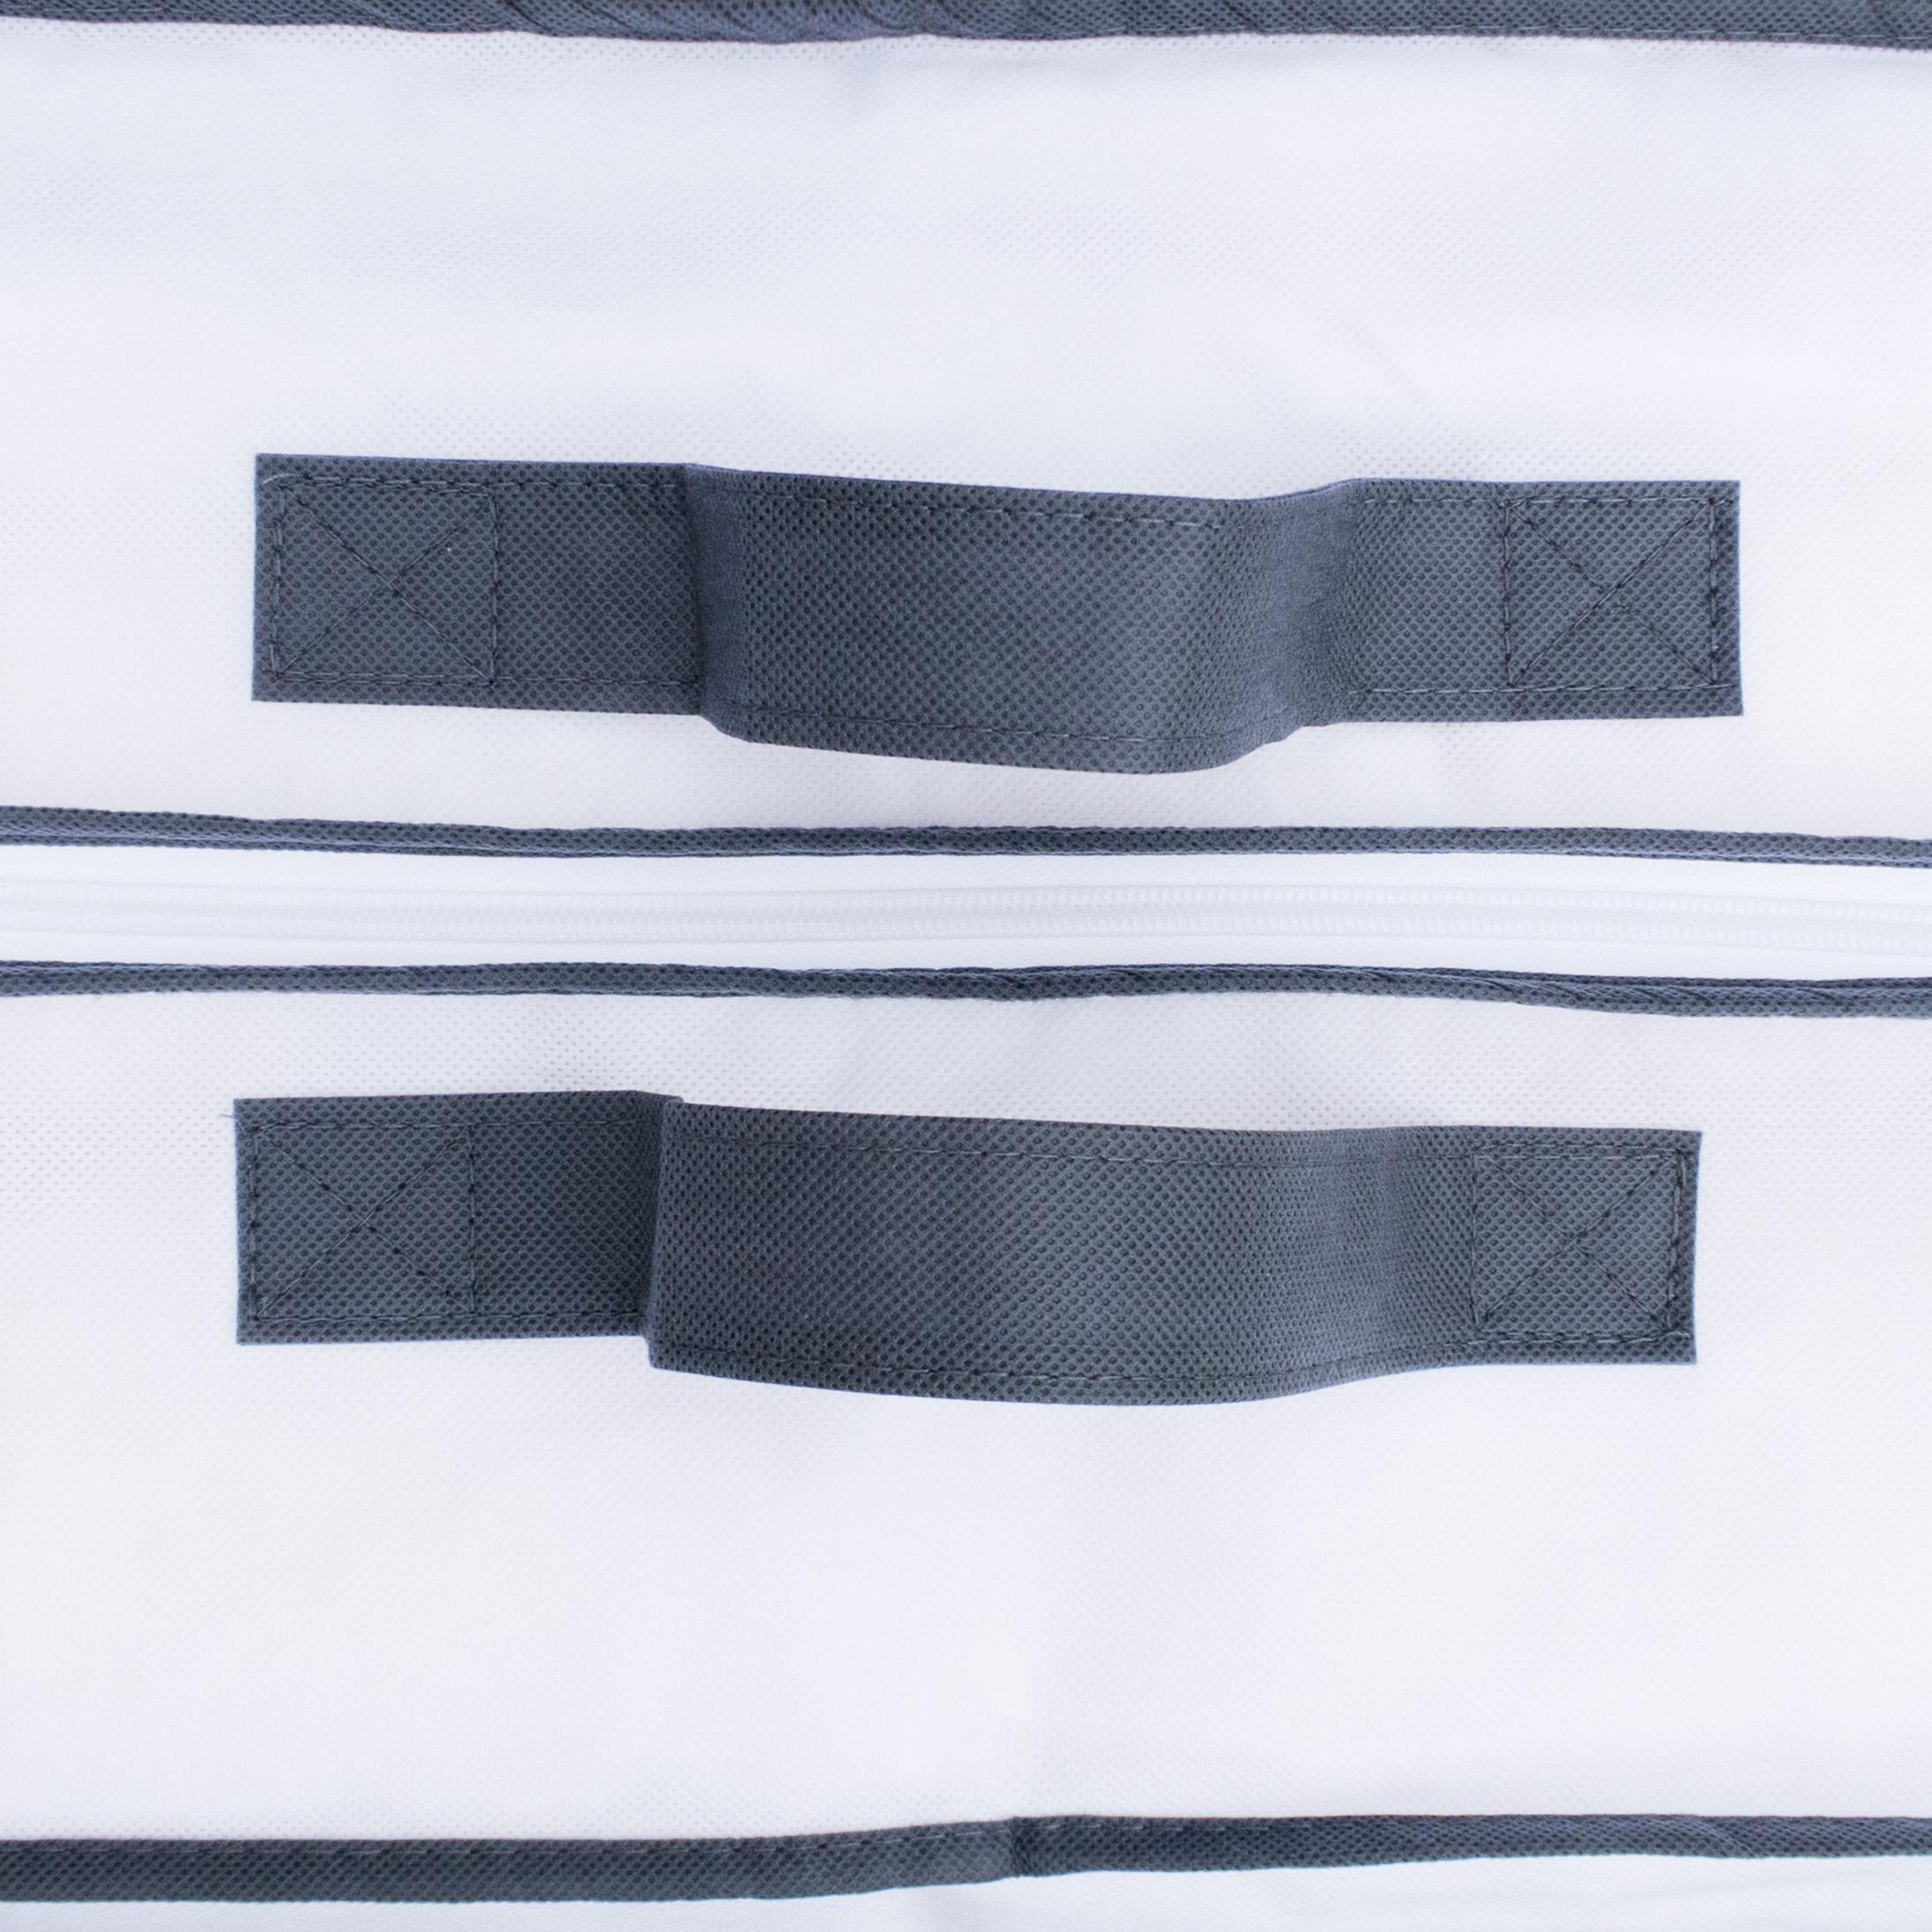 Aufbewahrungstasche 2 Stück Tragetasche für Bettdecken, Kopfkissen und Kissen  – Bild 4